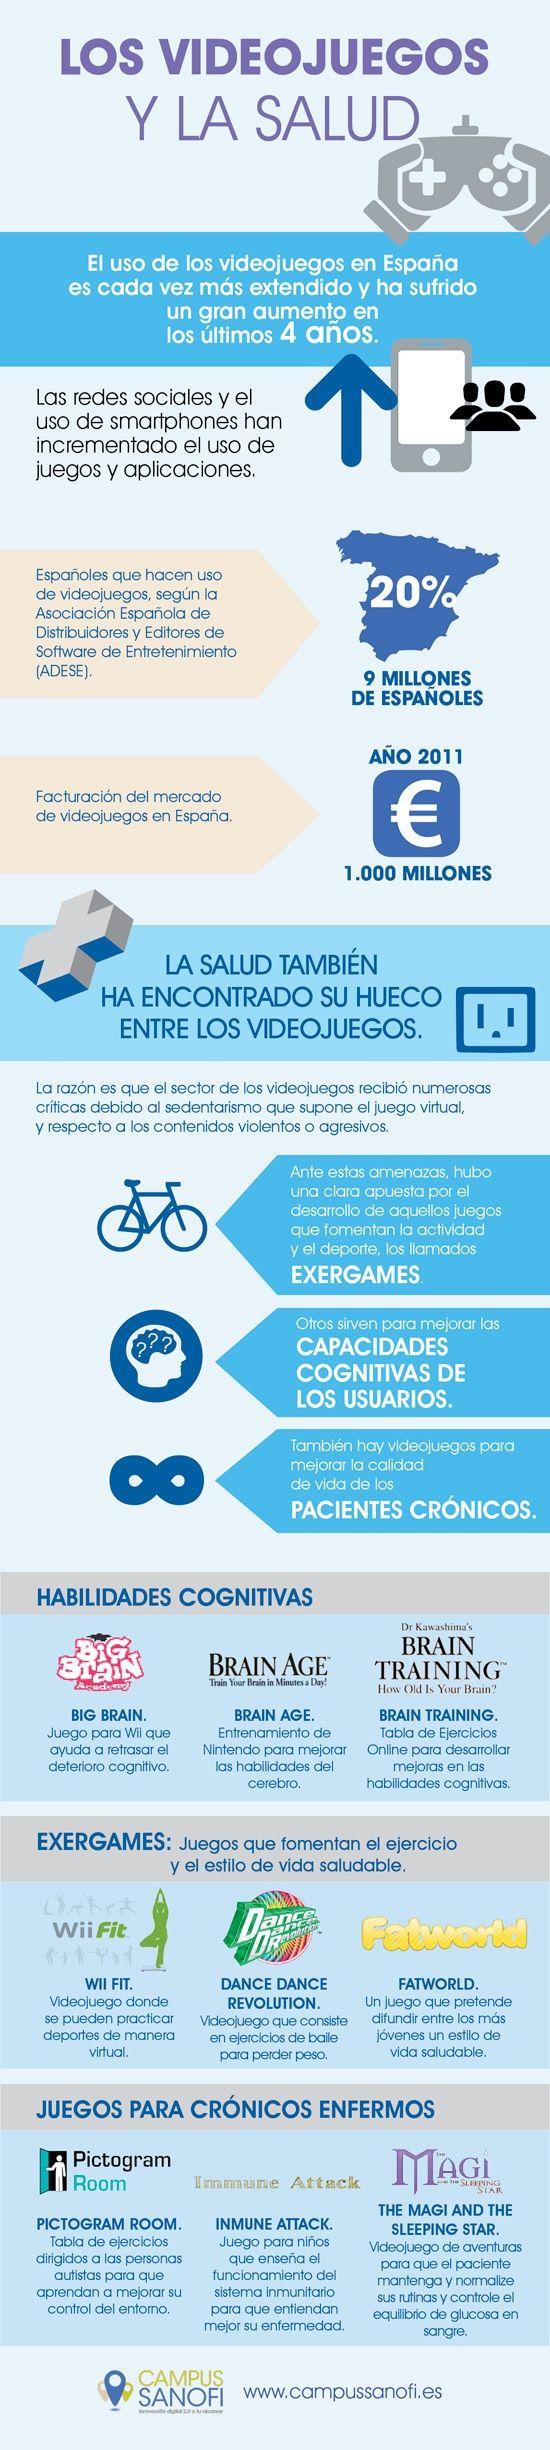 Los videojuegos y la salud #infografia #infographic #health